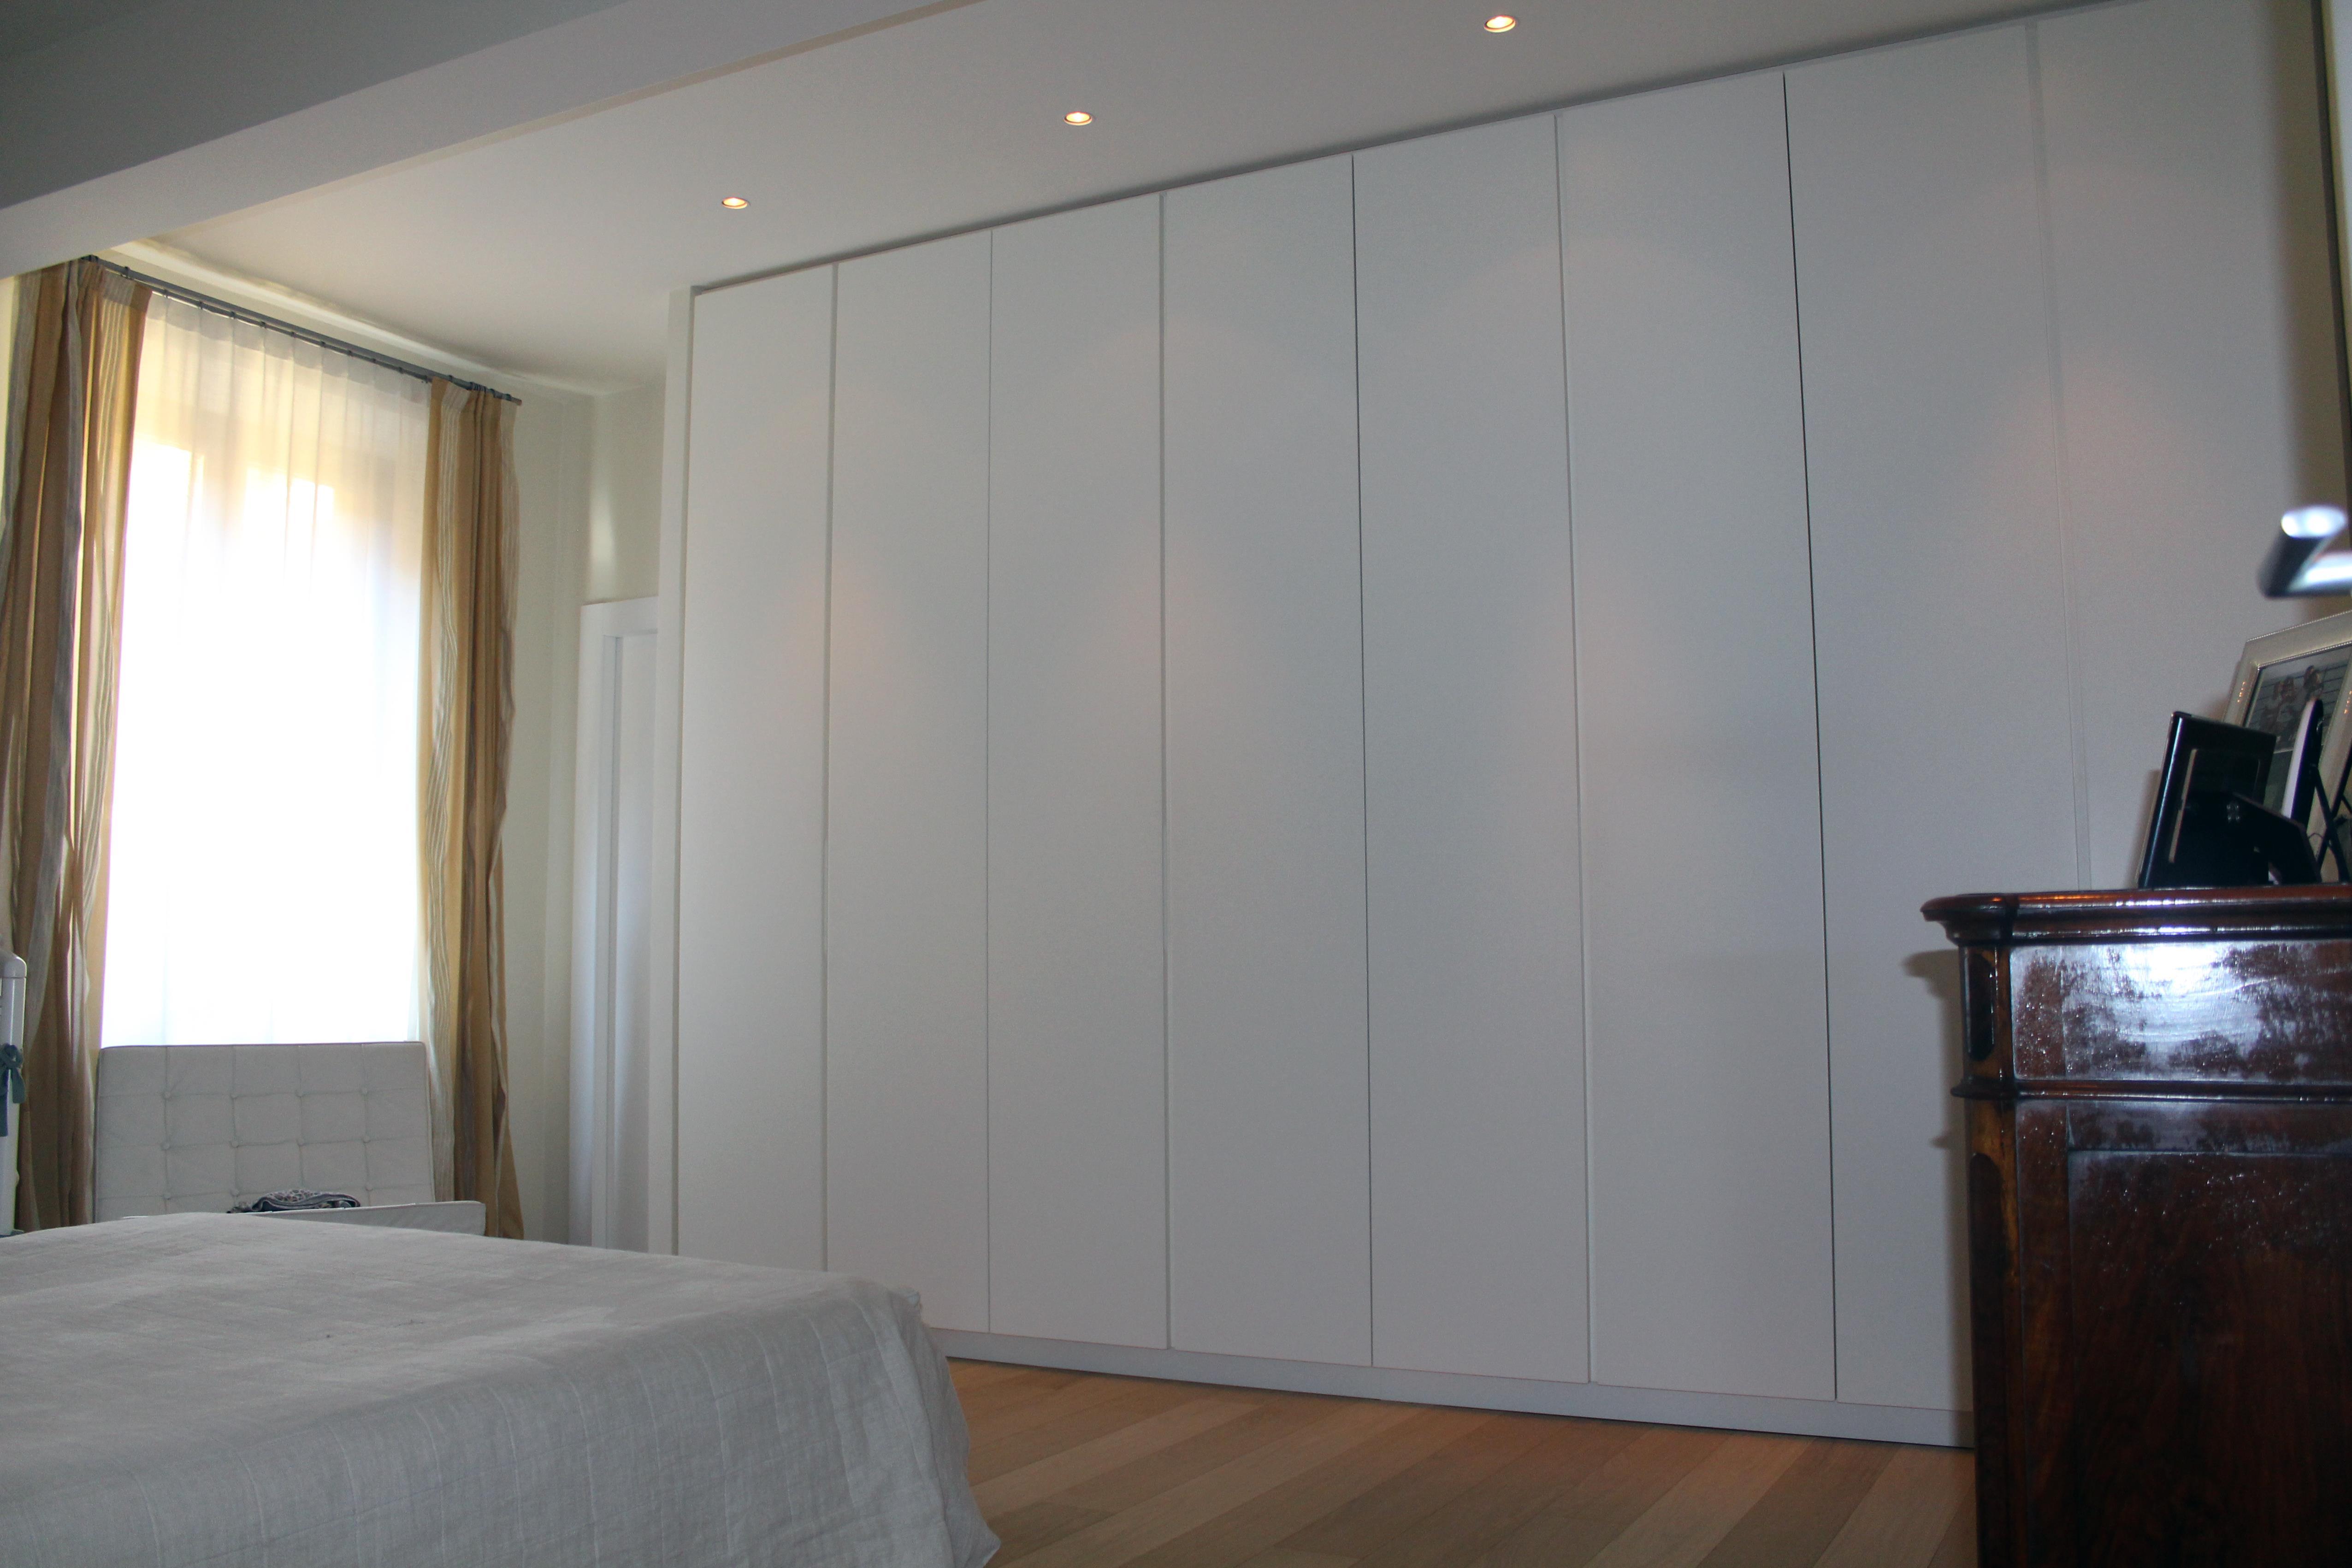 Armadi design moderno mobili camera da letto design for Armani arredamenti